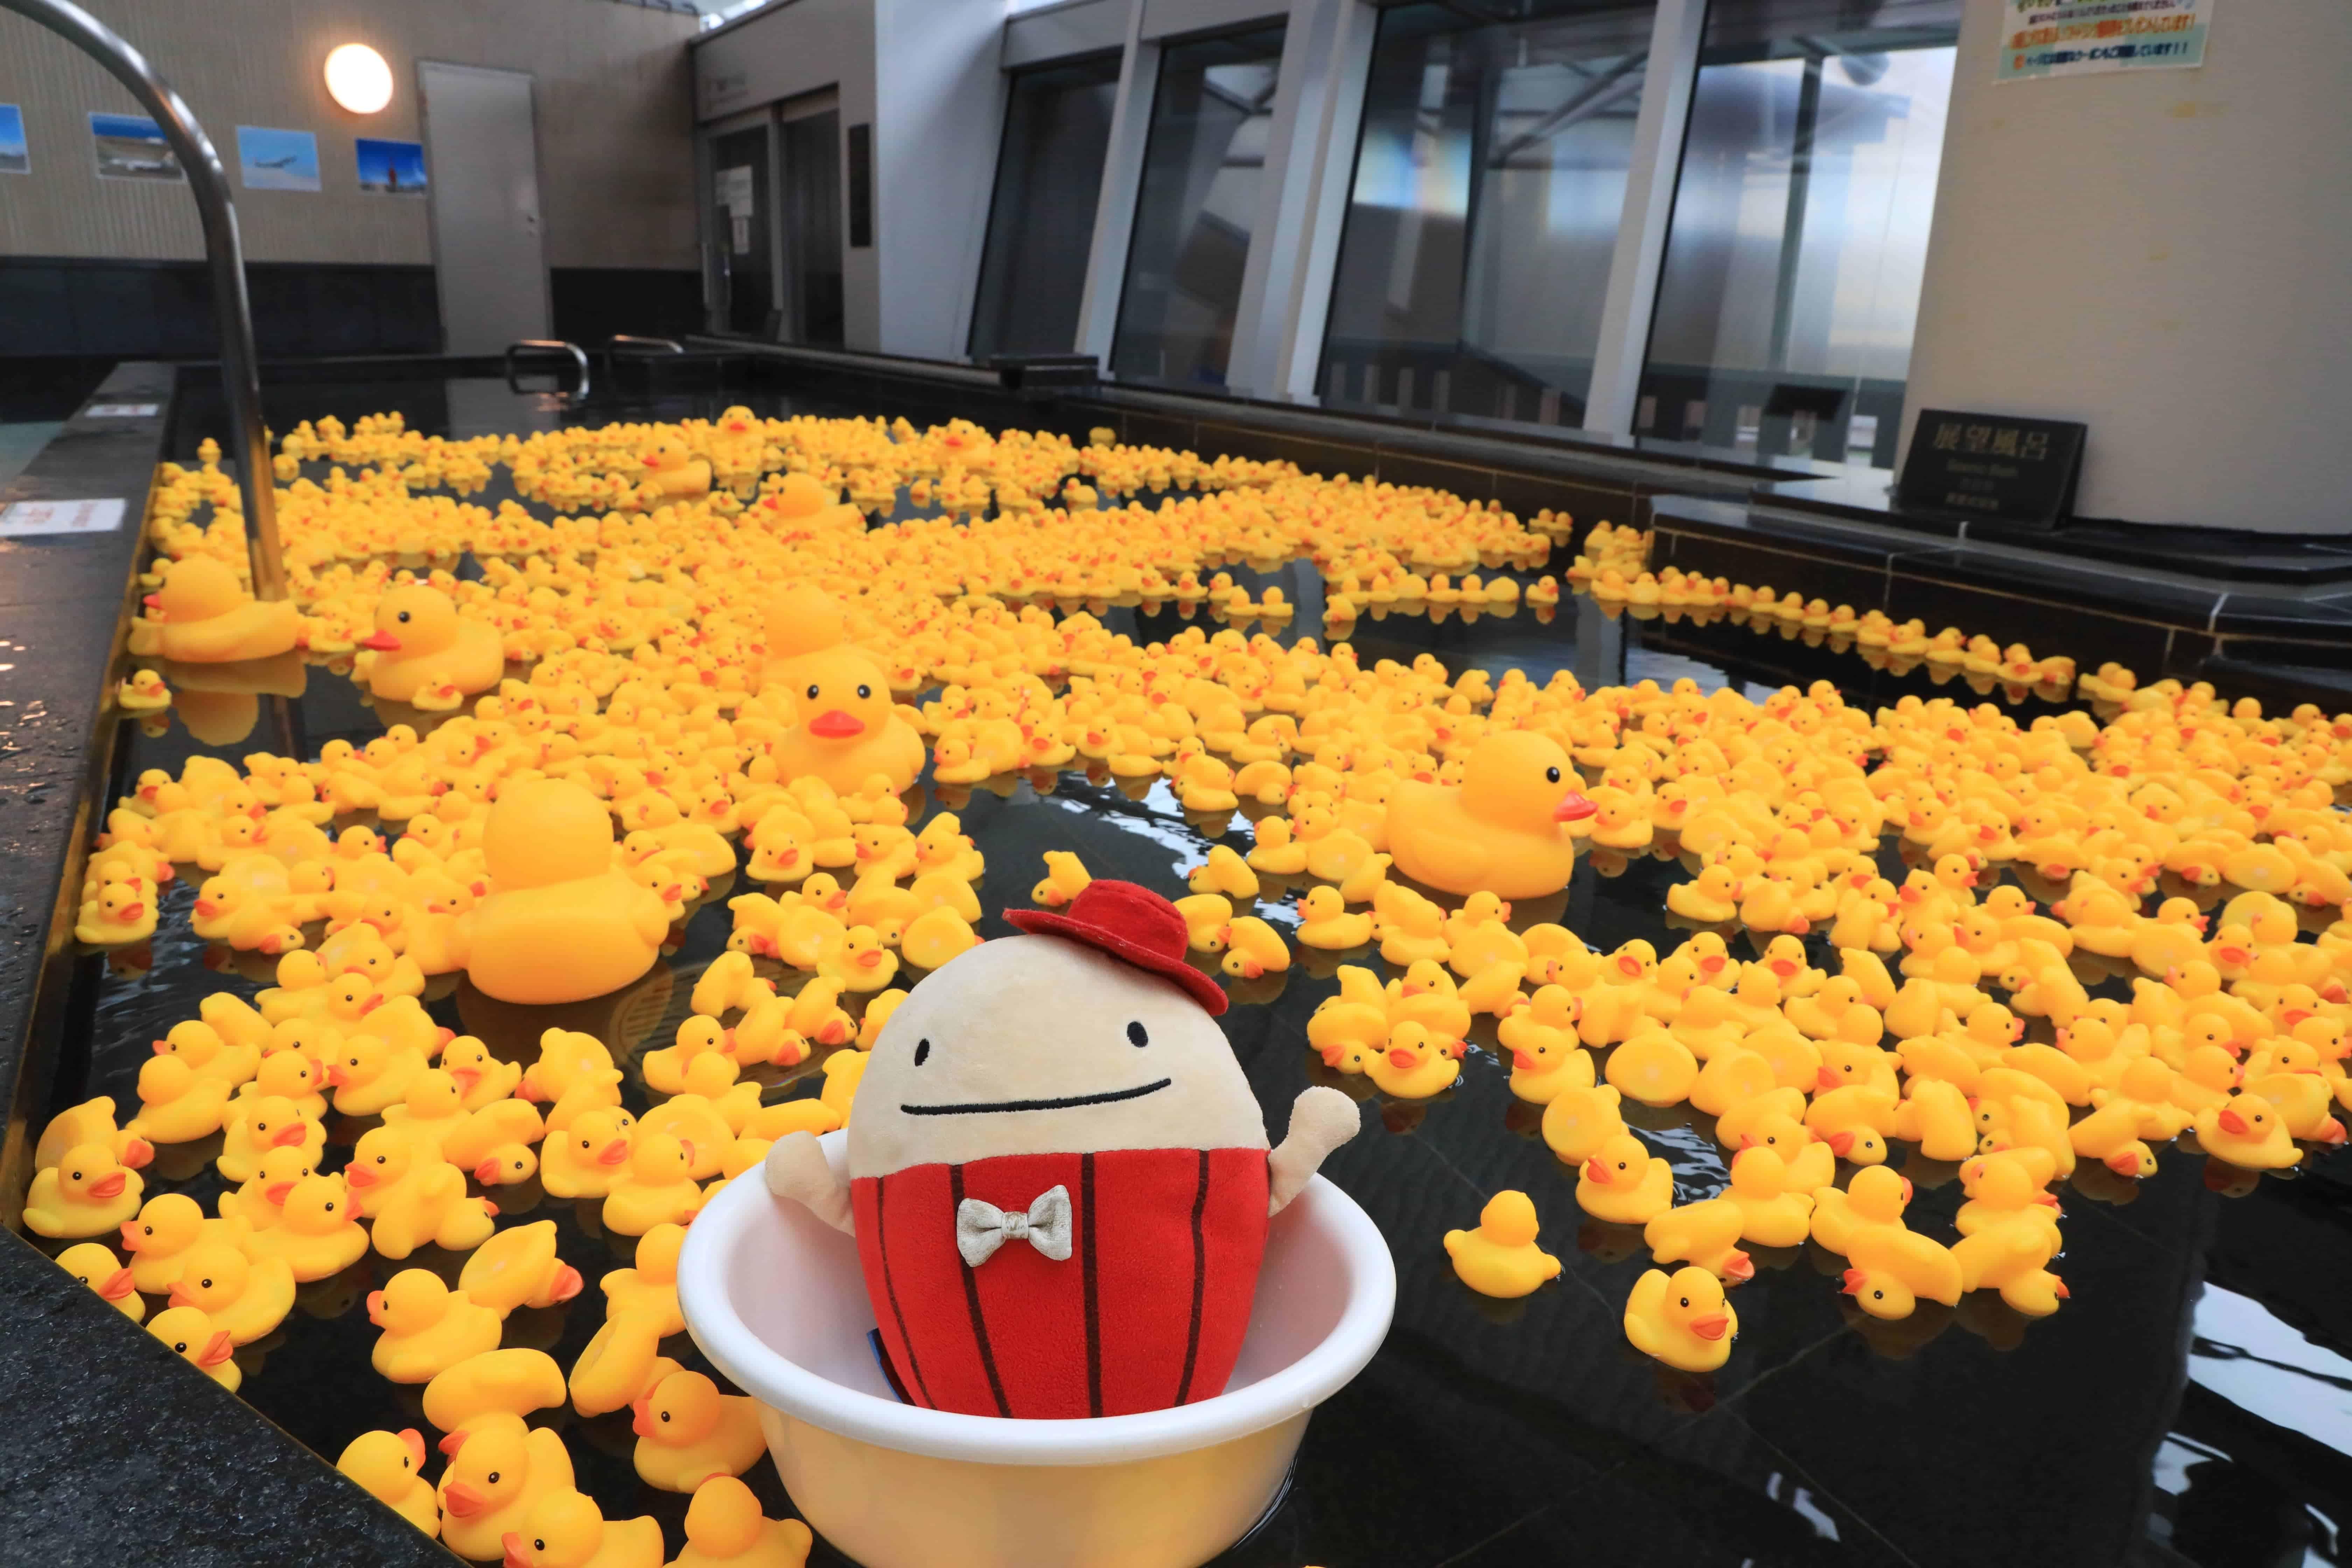 ข้อดีของ ออนเซ็น ที่ สนามบินนานาชาติชูบุเซ็นแทรร์ จะมีการจัดอีเว้นท์อยู่บ่อยๆ